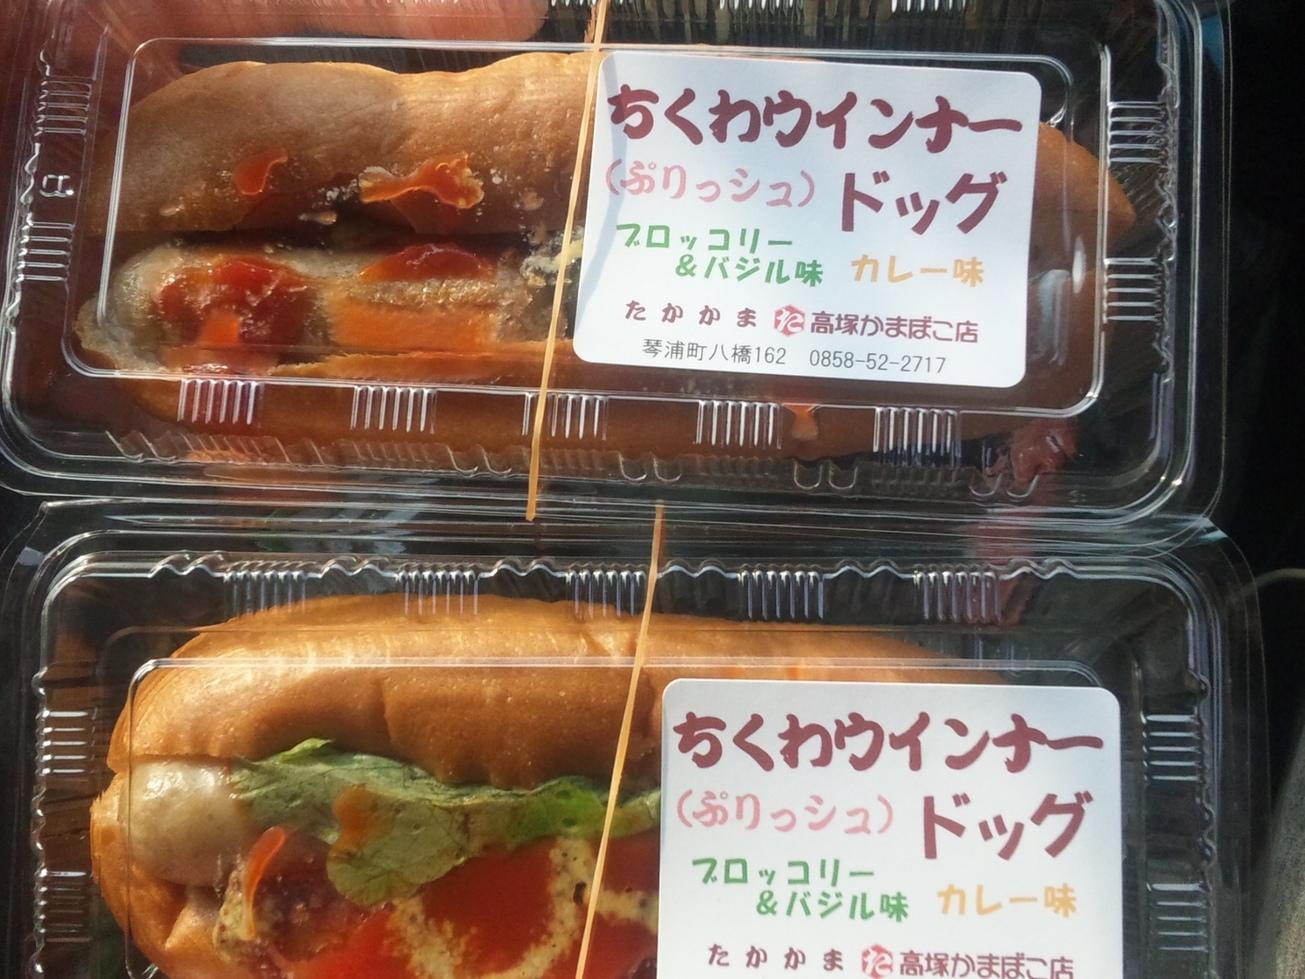 高塚かまぼこ店